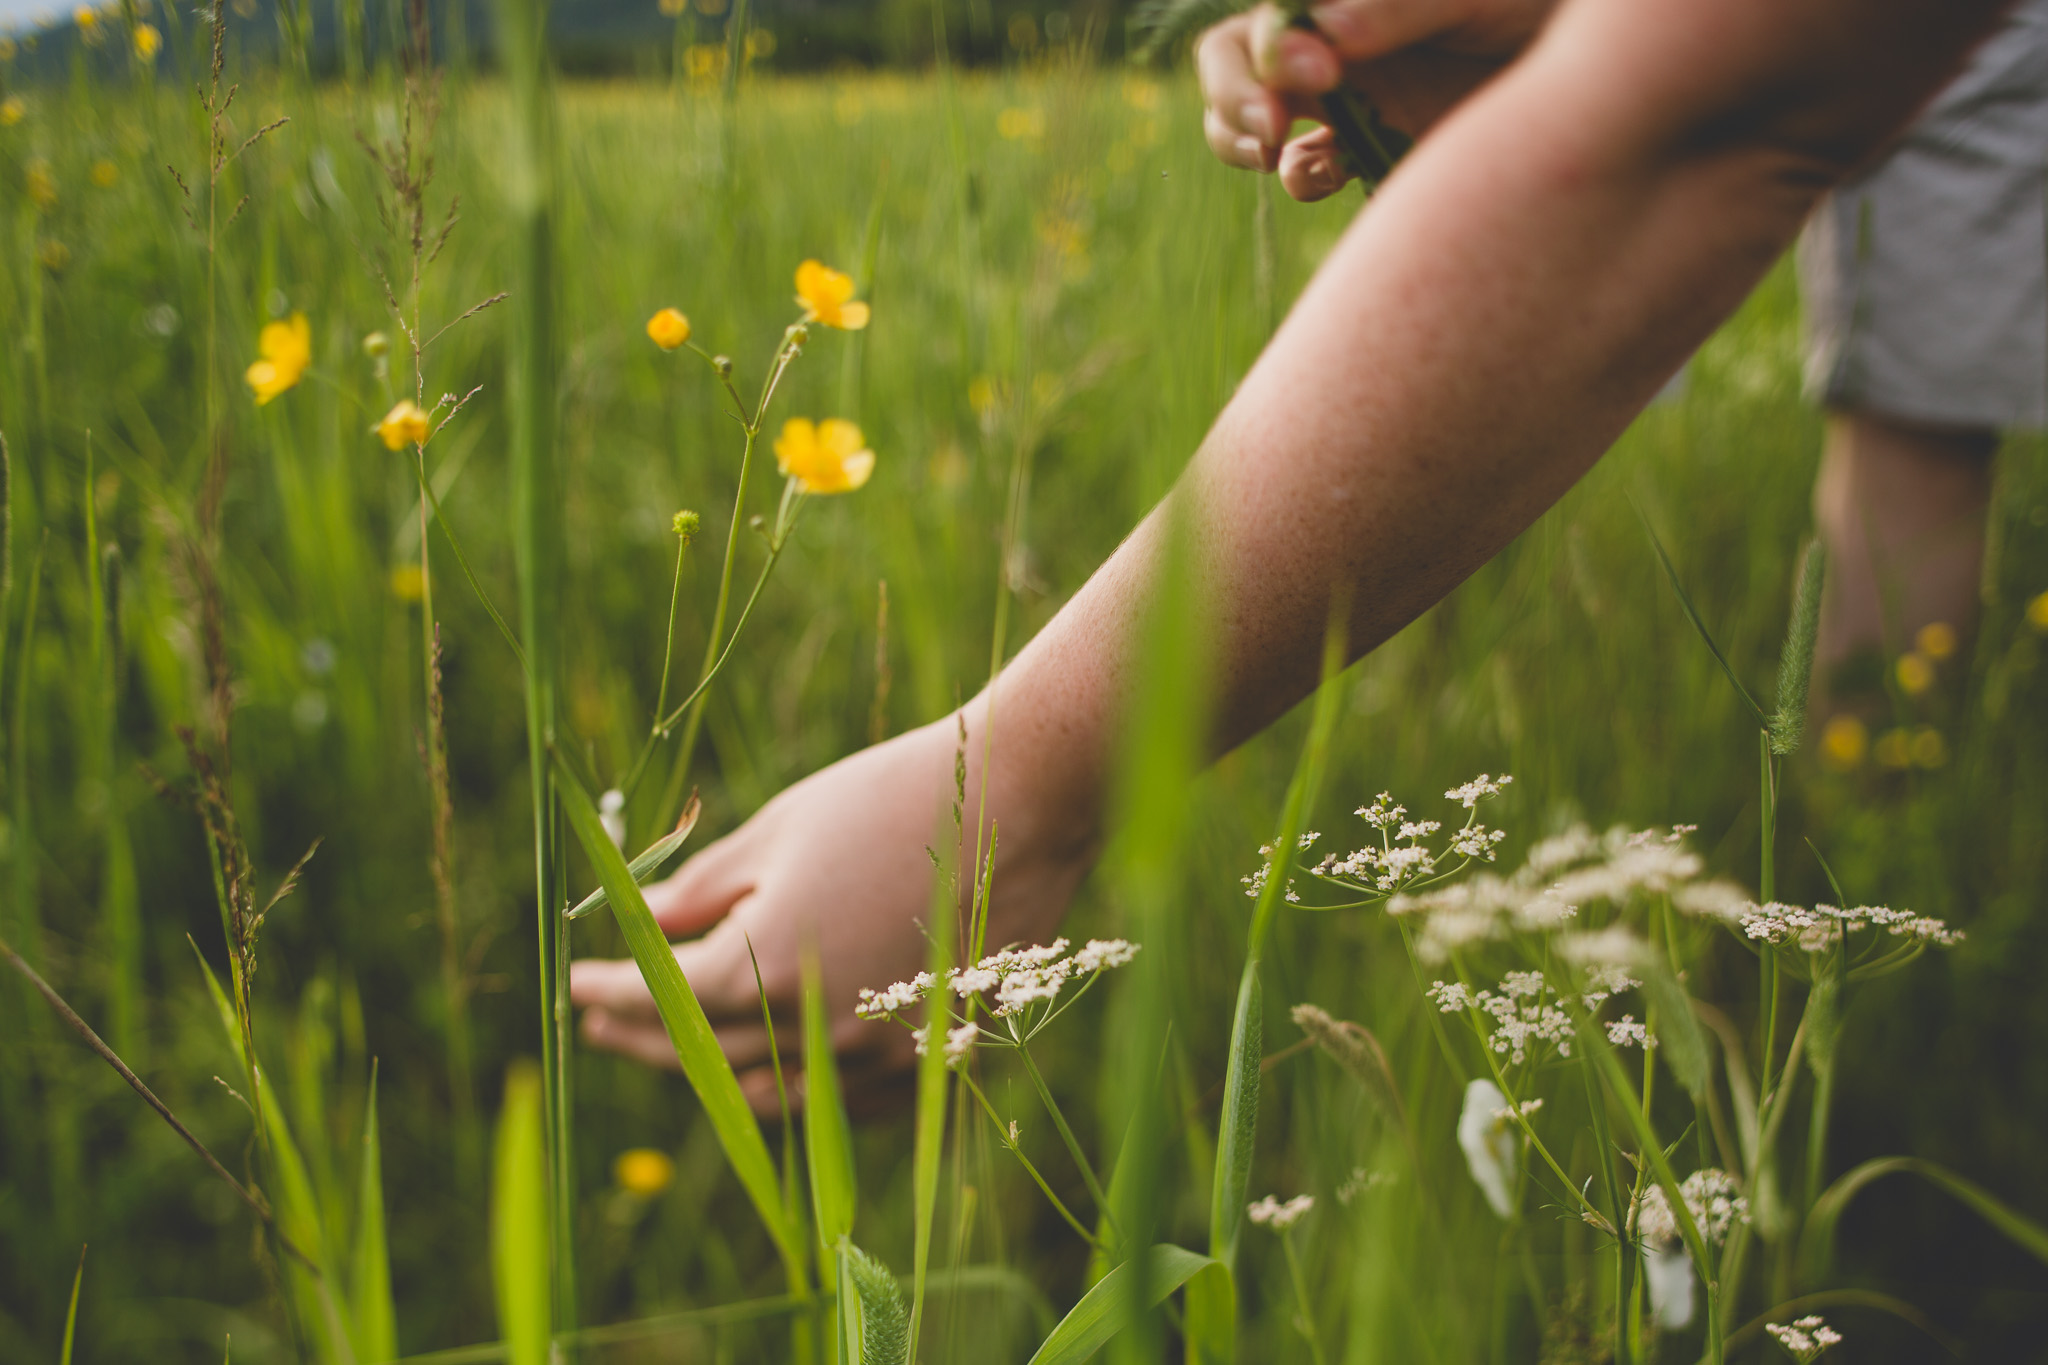 picking-flowers-in-field